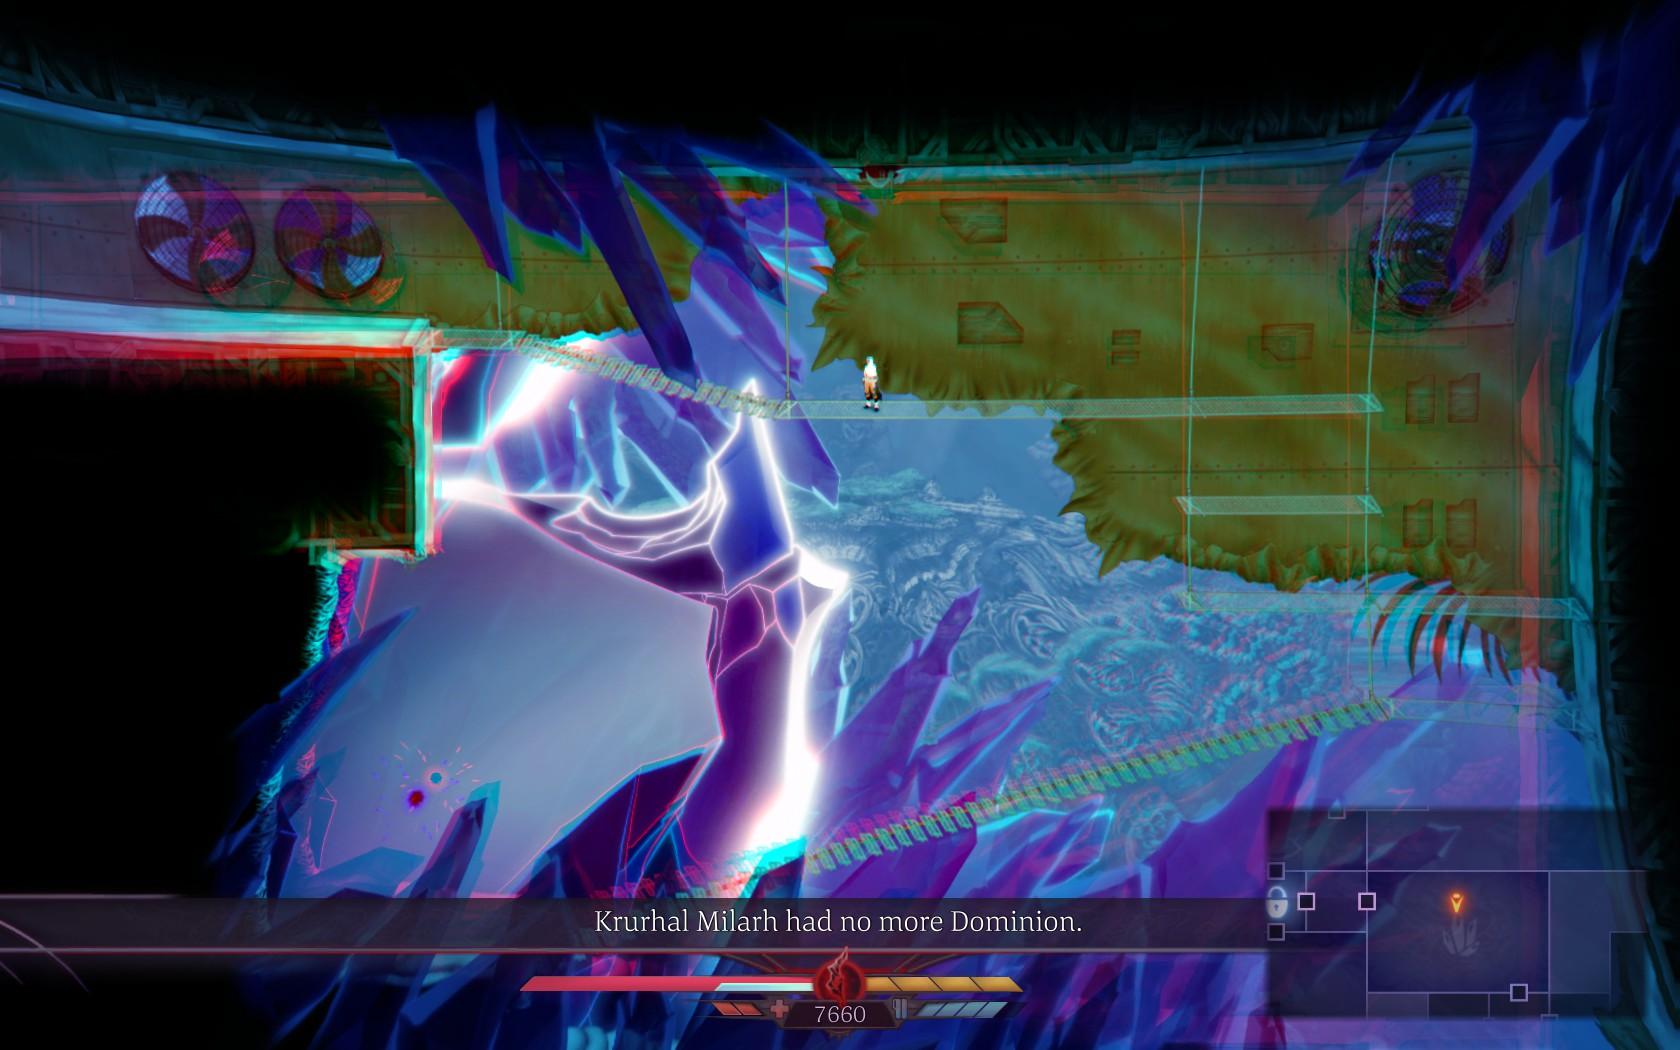 Uma imagem da área de estória de Sundered, jogo da Thunder Lotus Games, jogo metroidvania inspirado em Lovecraft